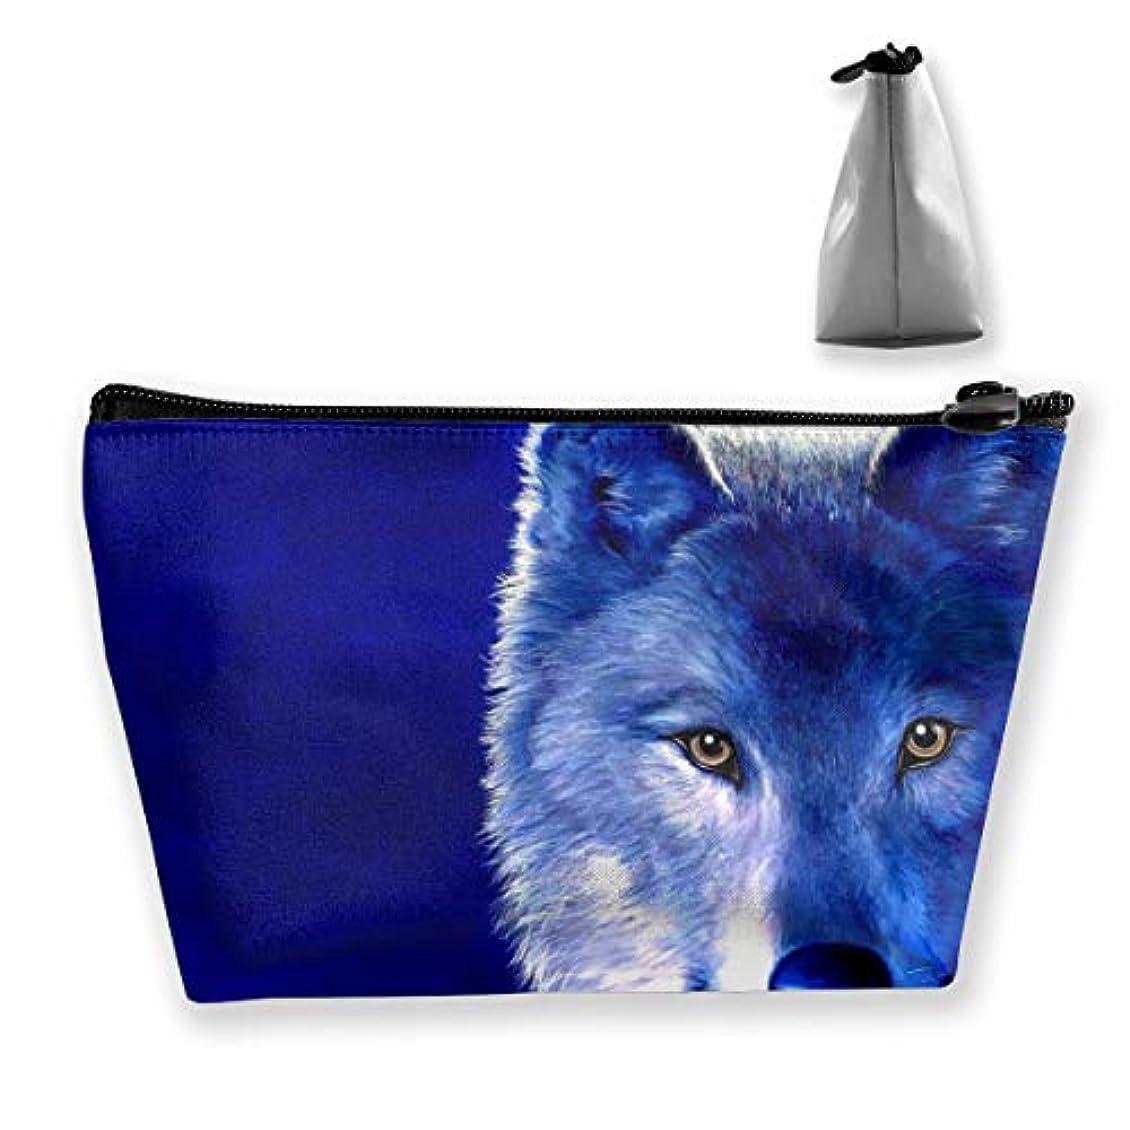 バイソン才能のある致命的な青いオオカミ 化粧ポーチ メイクポーチ コスメポーチ 化粧品収納 ミニ 財布 小物入れ 軽い 軽量 防水 旅行も携帯便利 多機能 バッグ 小さな化粧品の袋